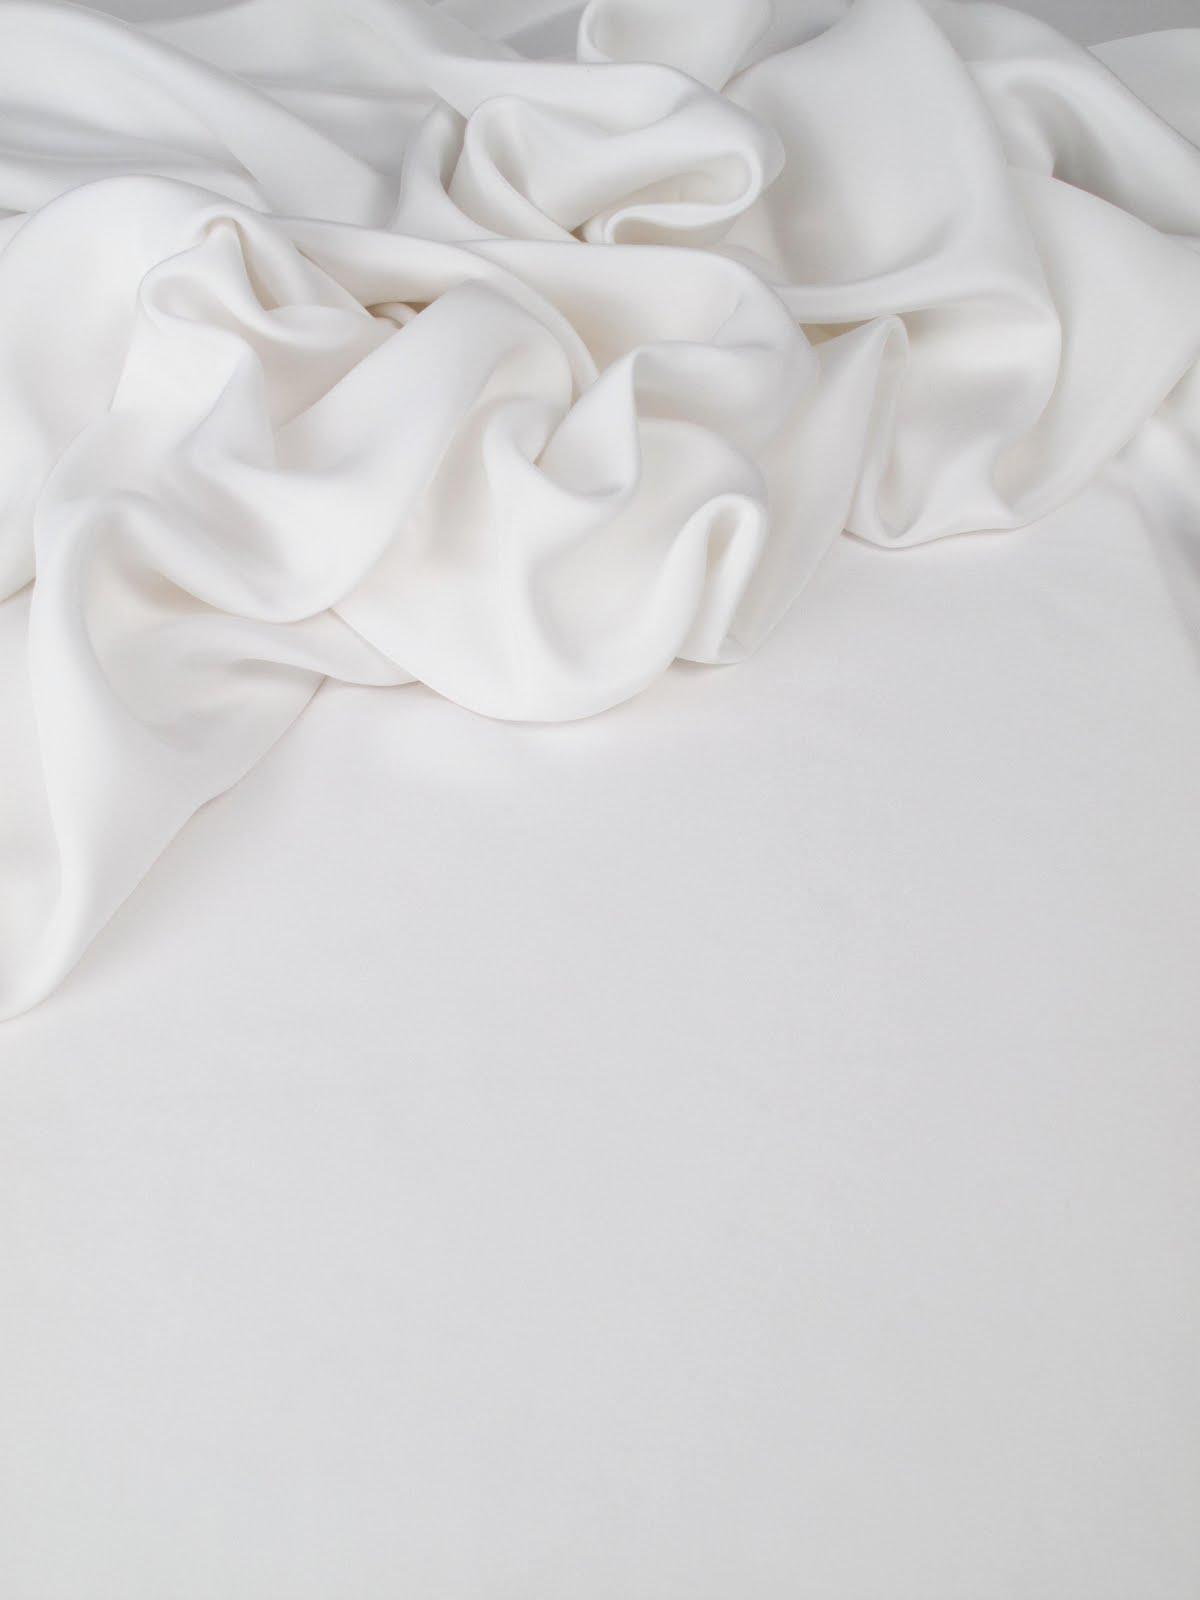 les nouveaut s au jour le jour chez stragier drap de soie lourd blanc. Black Bedroom Furniture Sets. Home Design Ideas